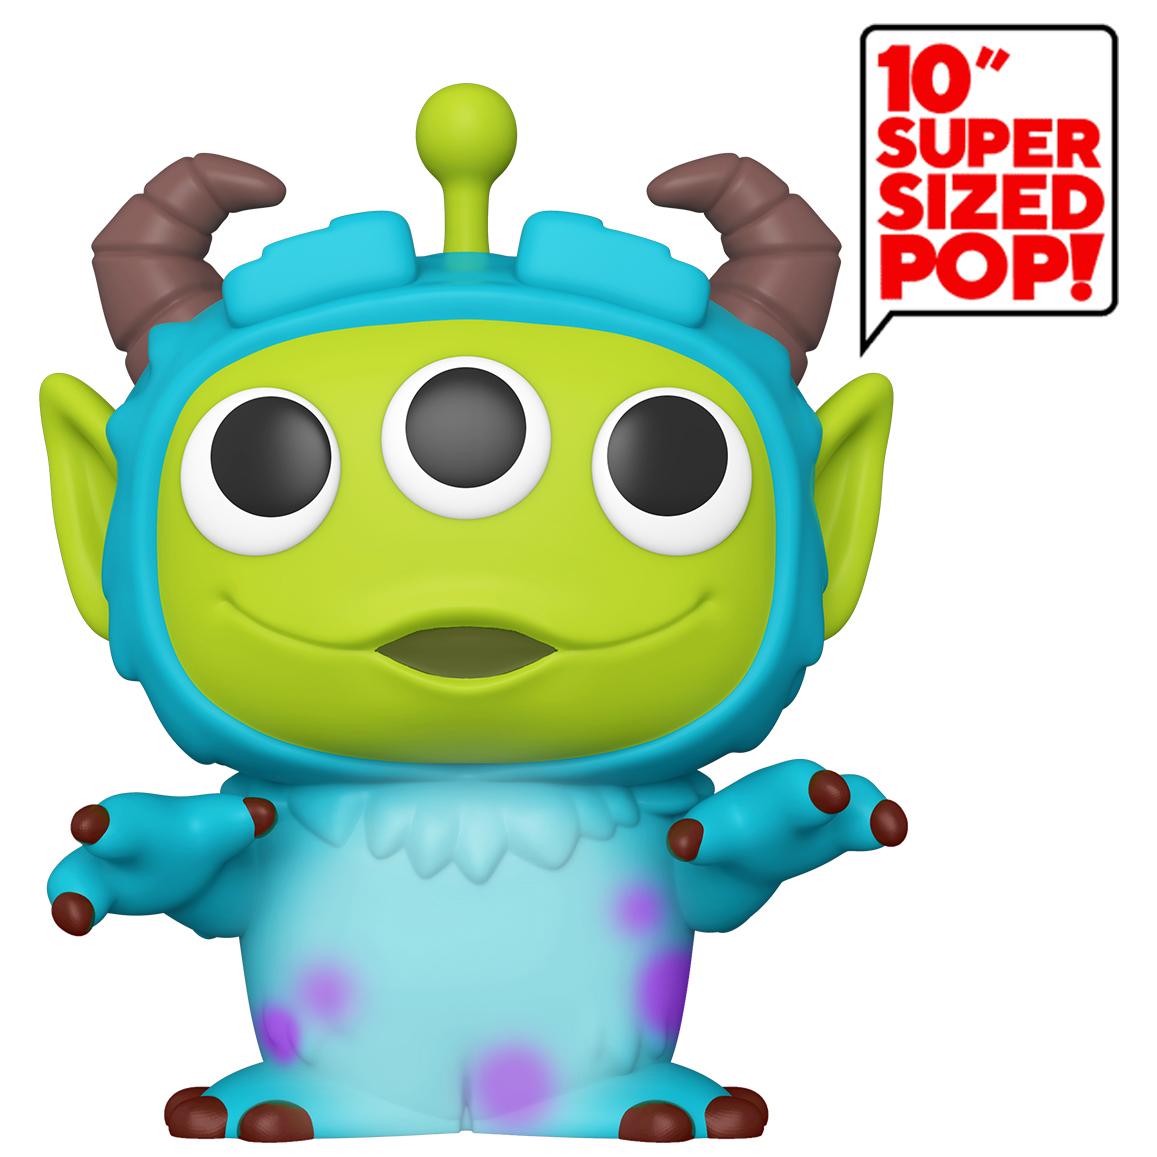 Фигурка Funko POP Disney Pixar: Alien Remix – Sulley (25 см) фигурка funko pop movies alien covenant – david 9 5 см